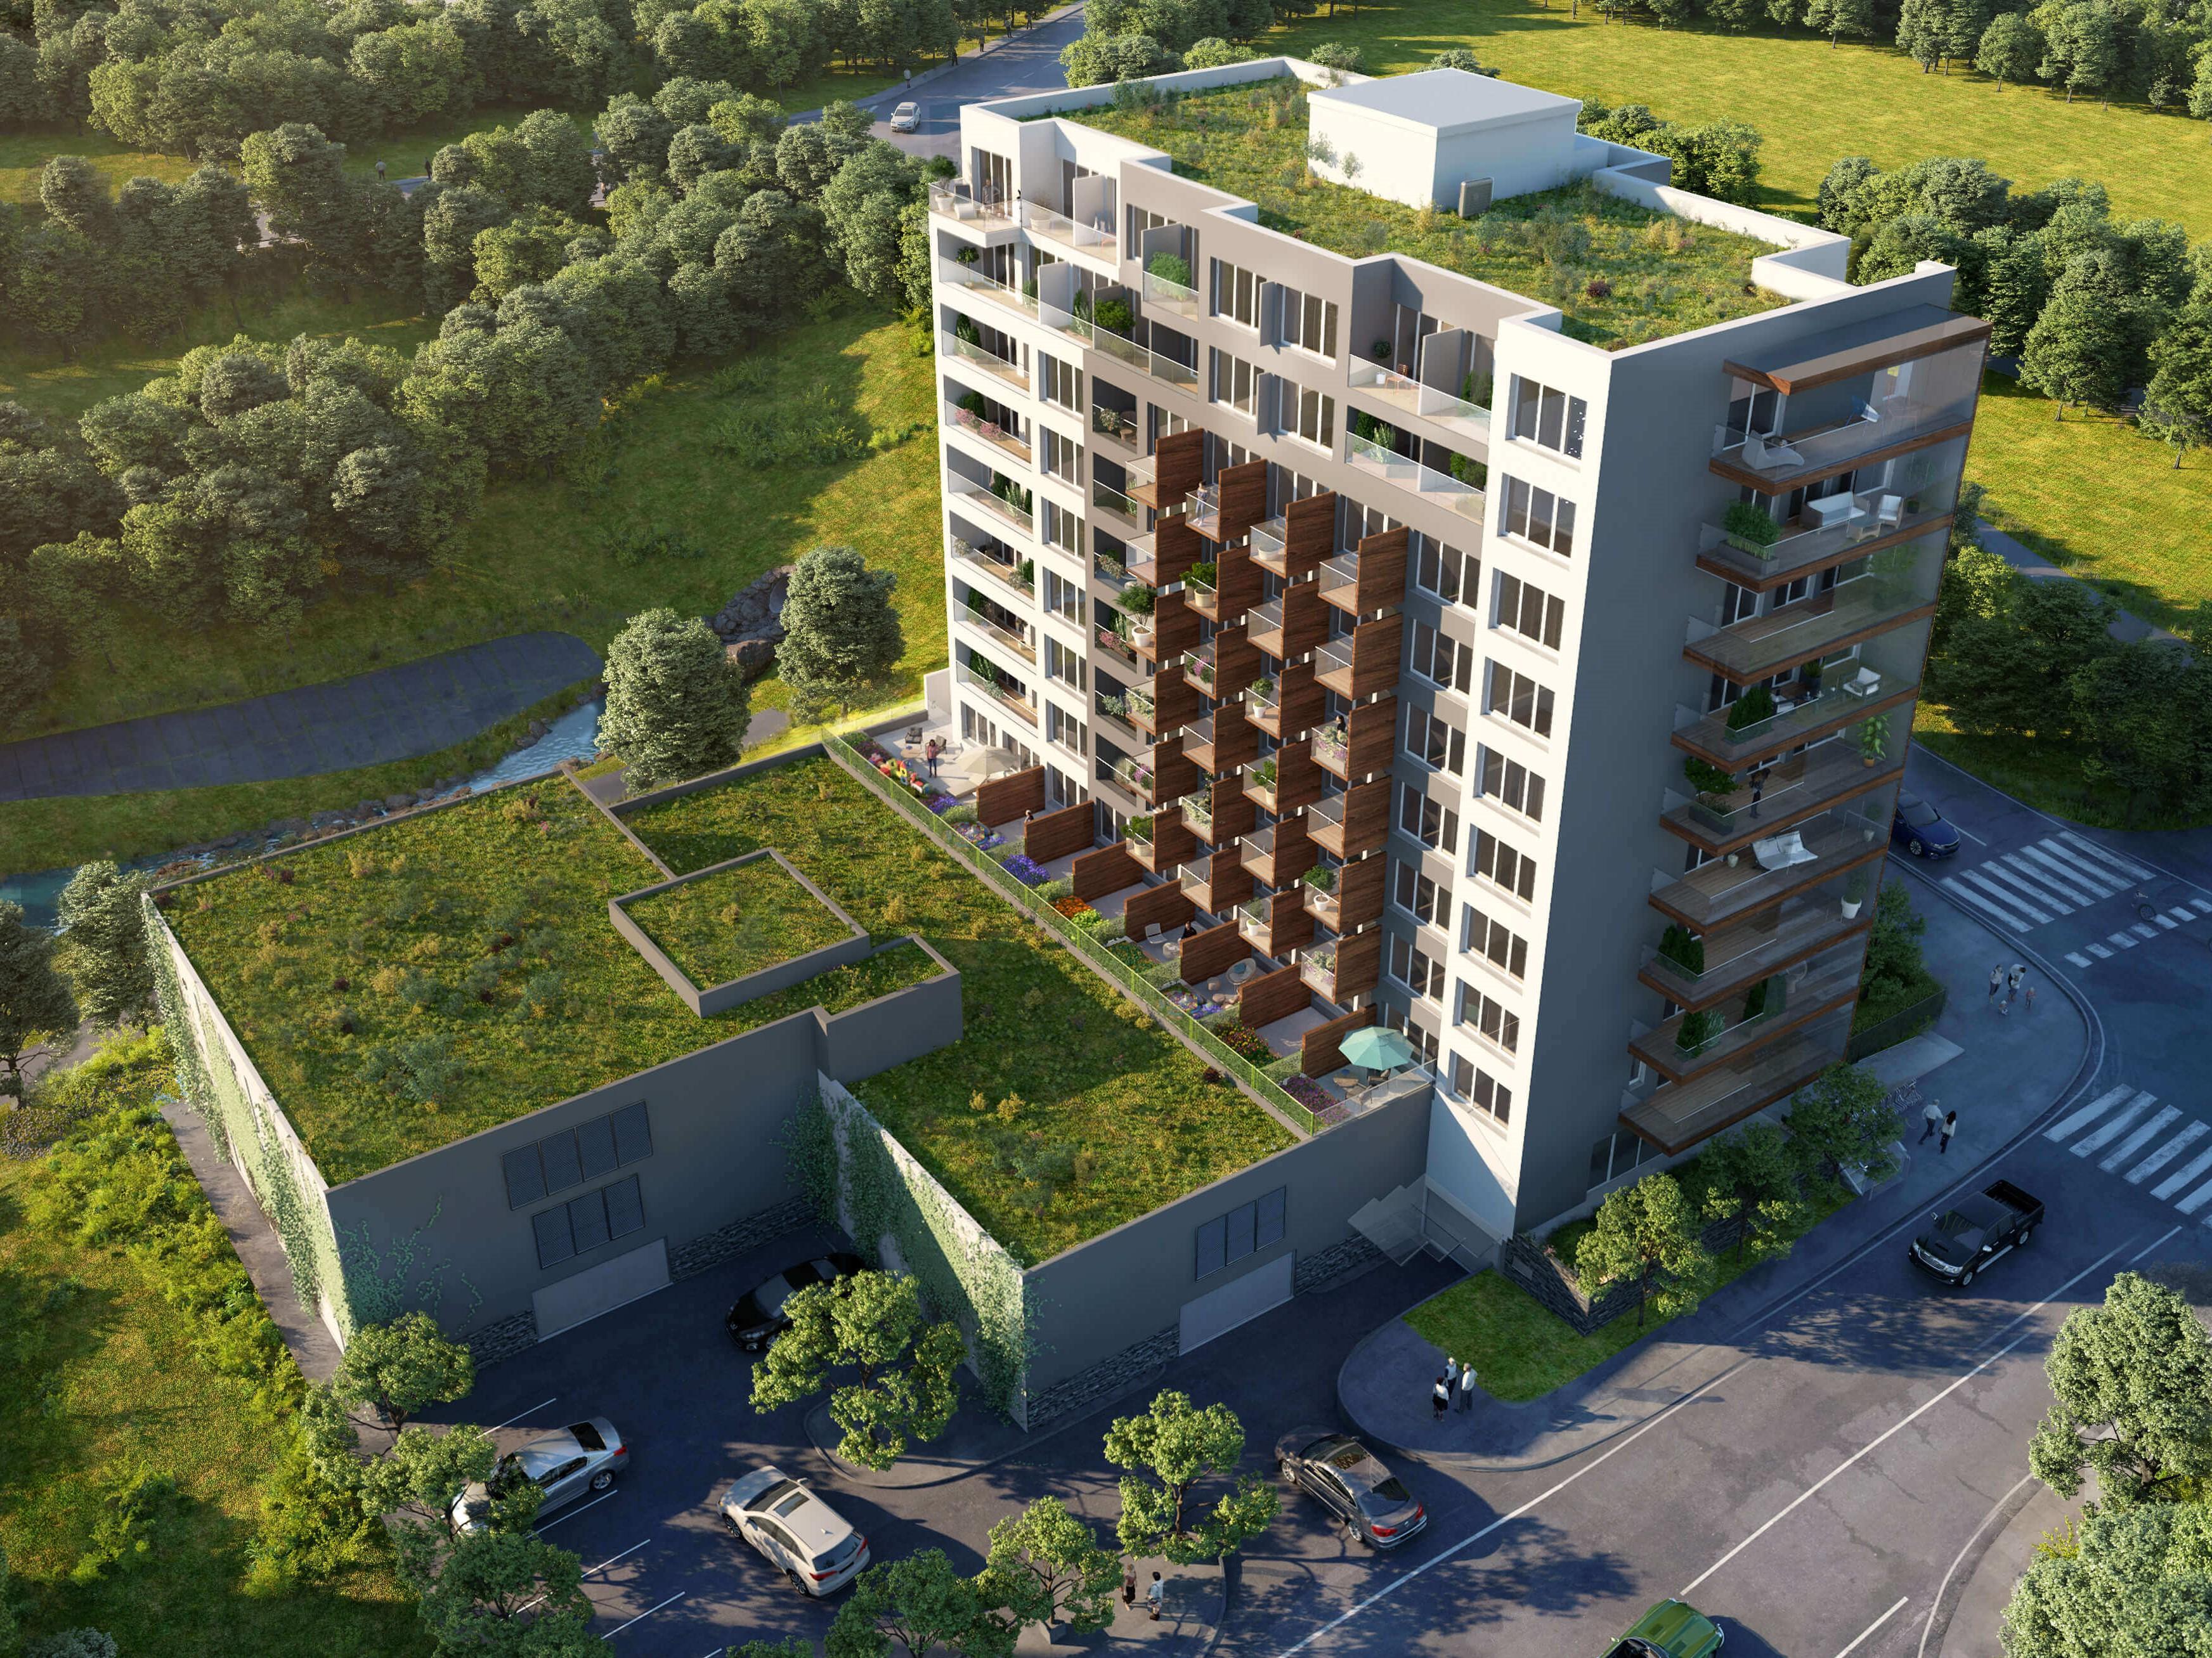 продажа квартир прага 4, новостройки прага, продажа квартир, прага, чехия, квартиры прага